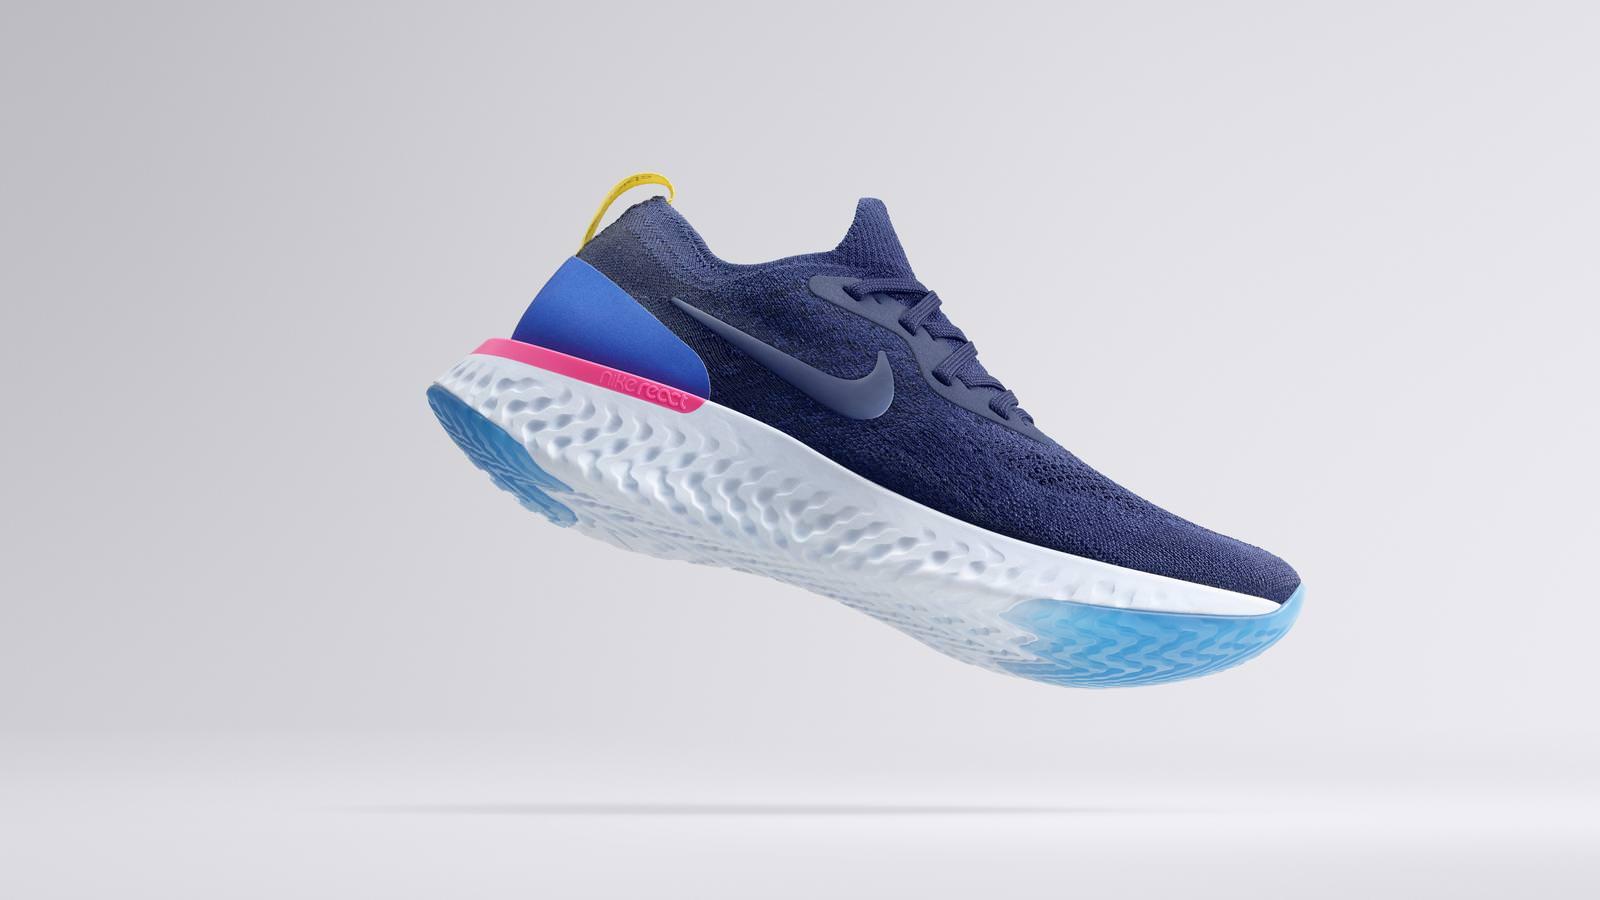 110ea9a33780ad Mit dem Nike Epic React Flyknit will Nike nun endlich wieder mit einem  neuen Sohlenkonzept punkten und stellt ein Dämpfungssystem vor